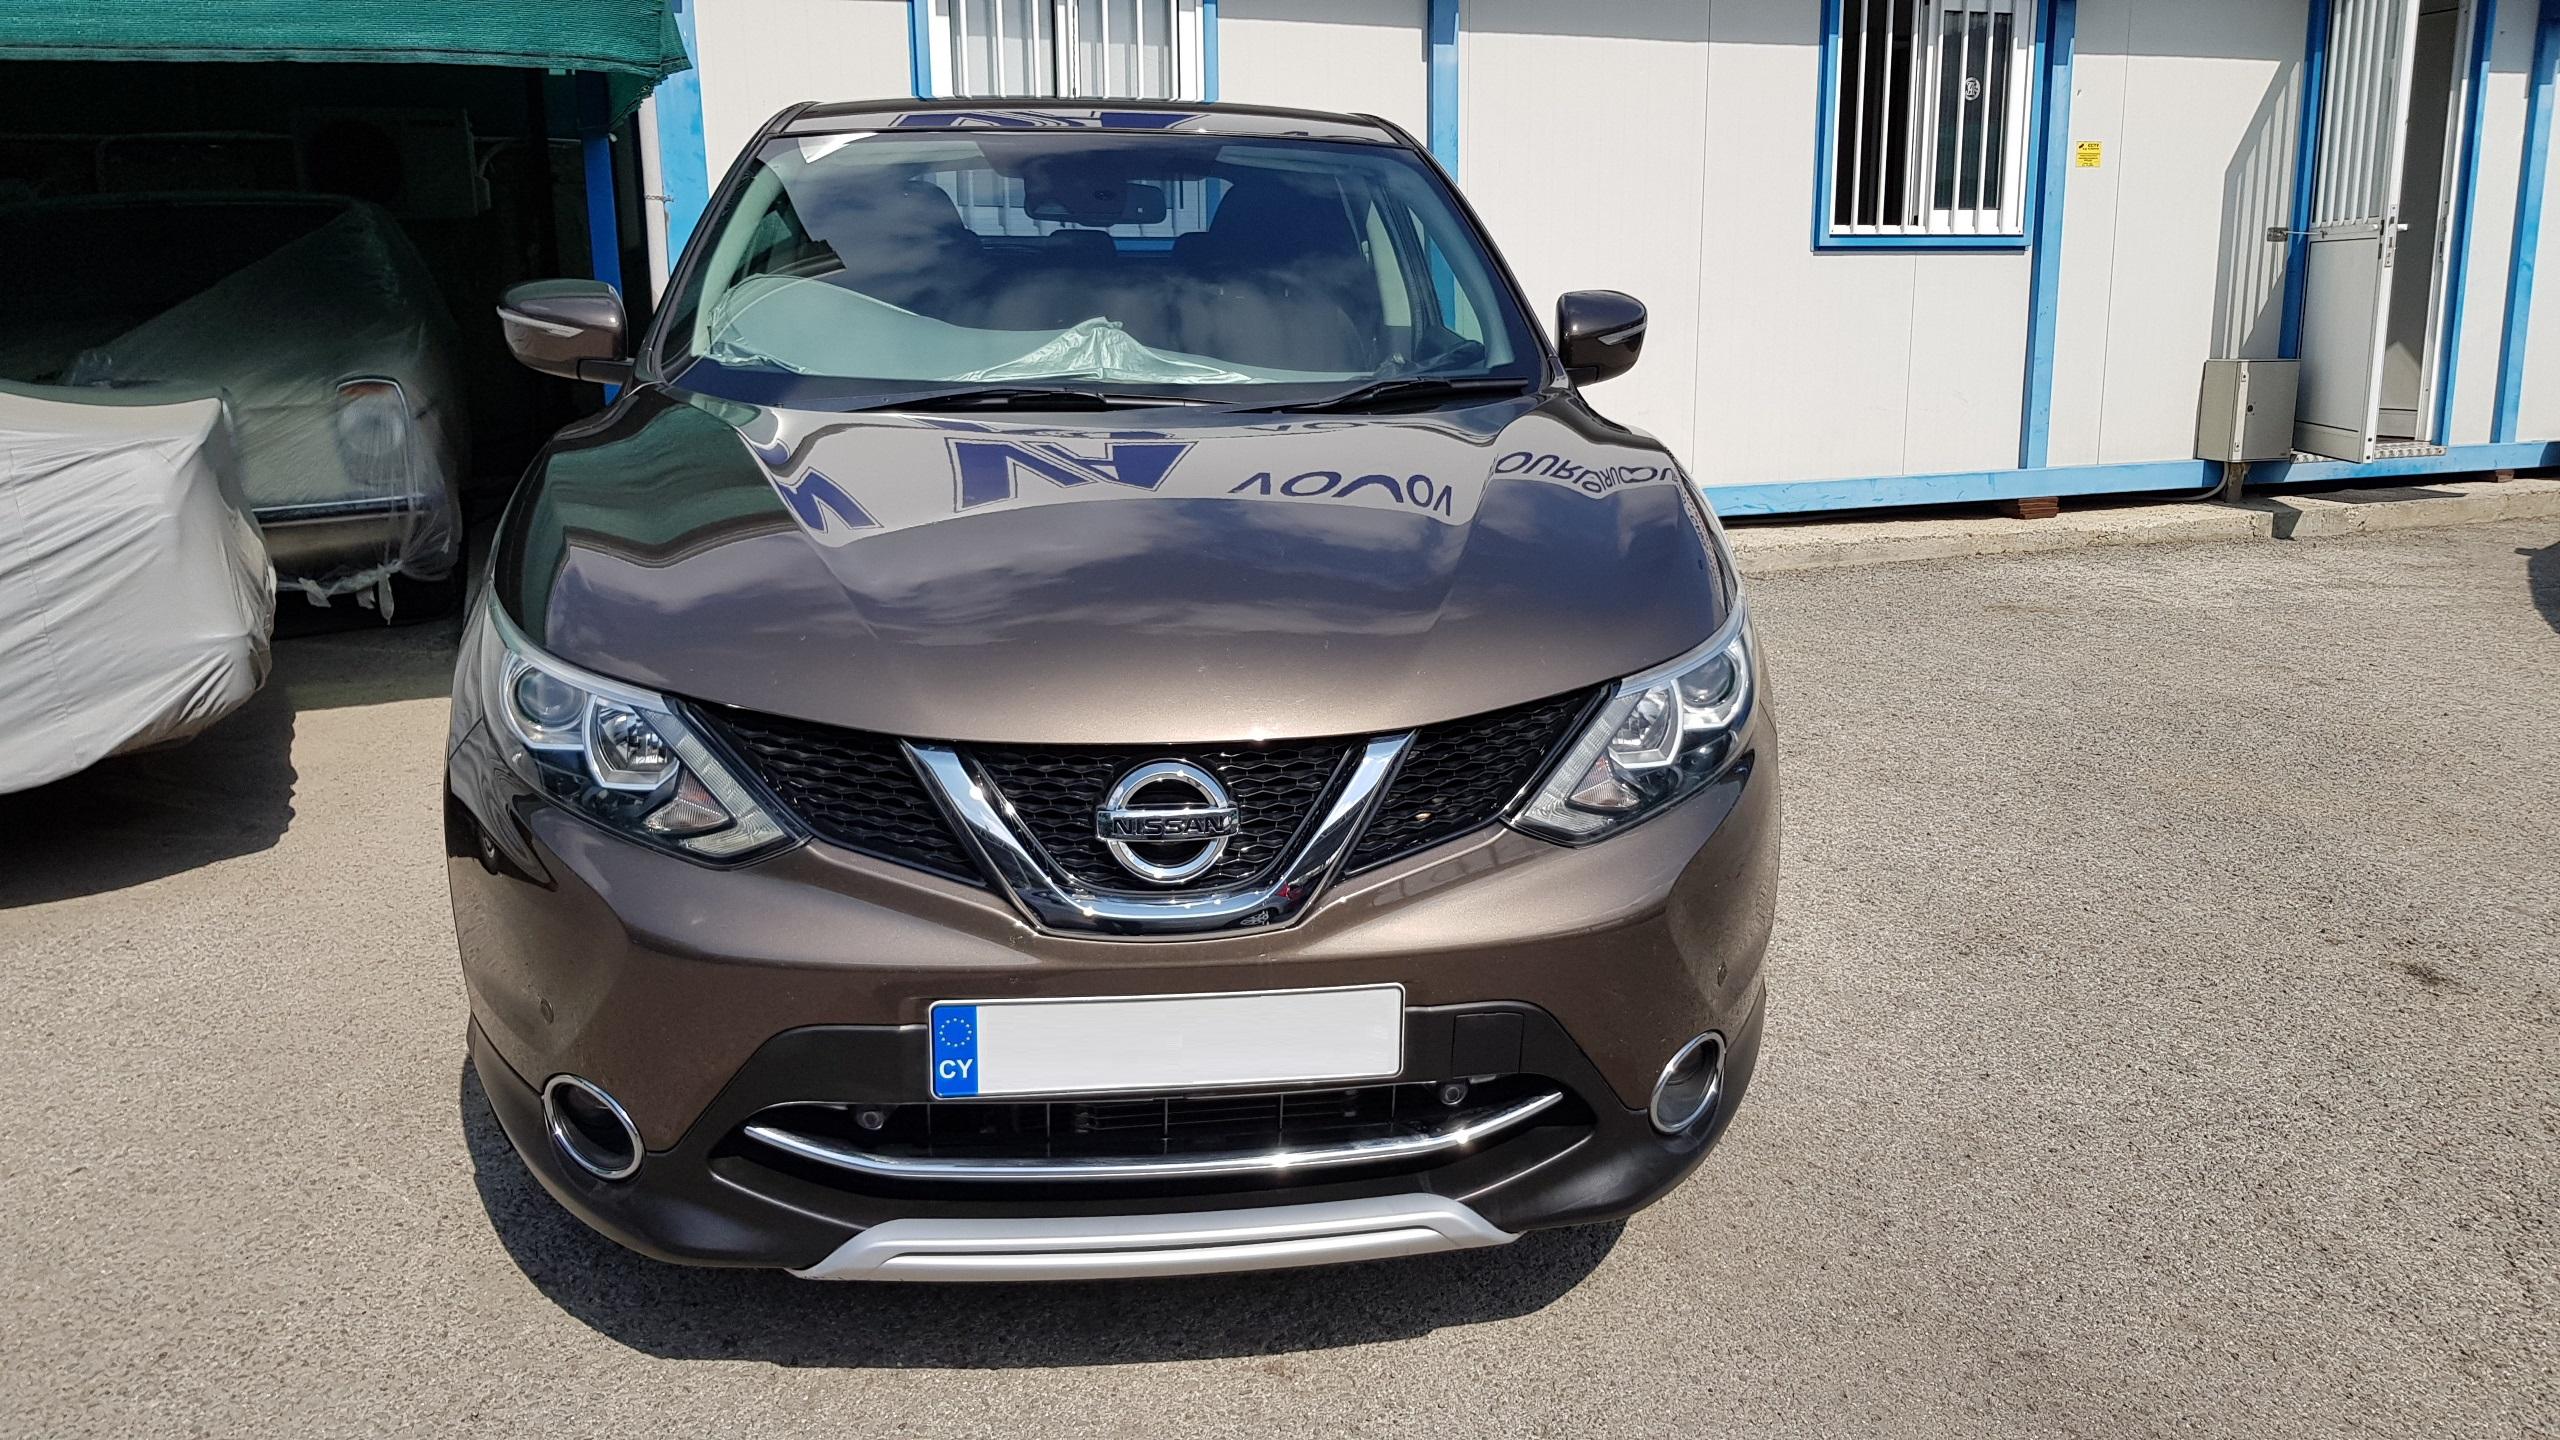 Nissan Qashqai Grey Metallic 02